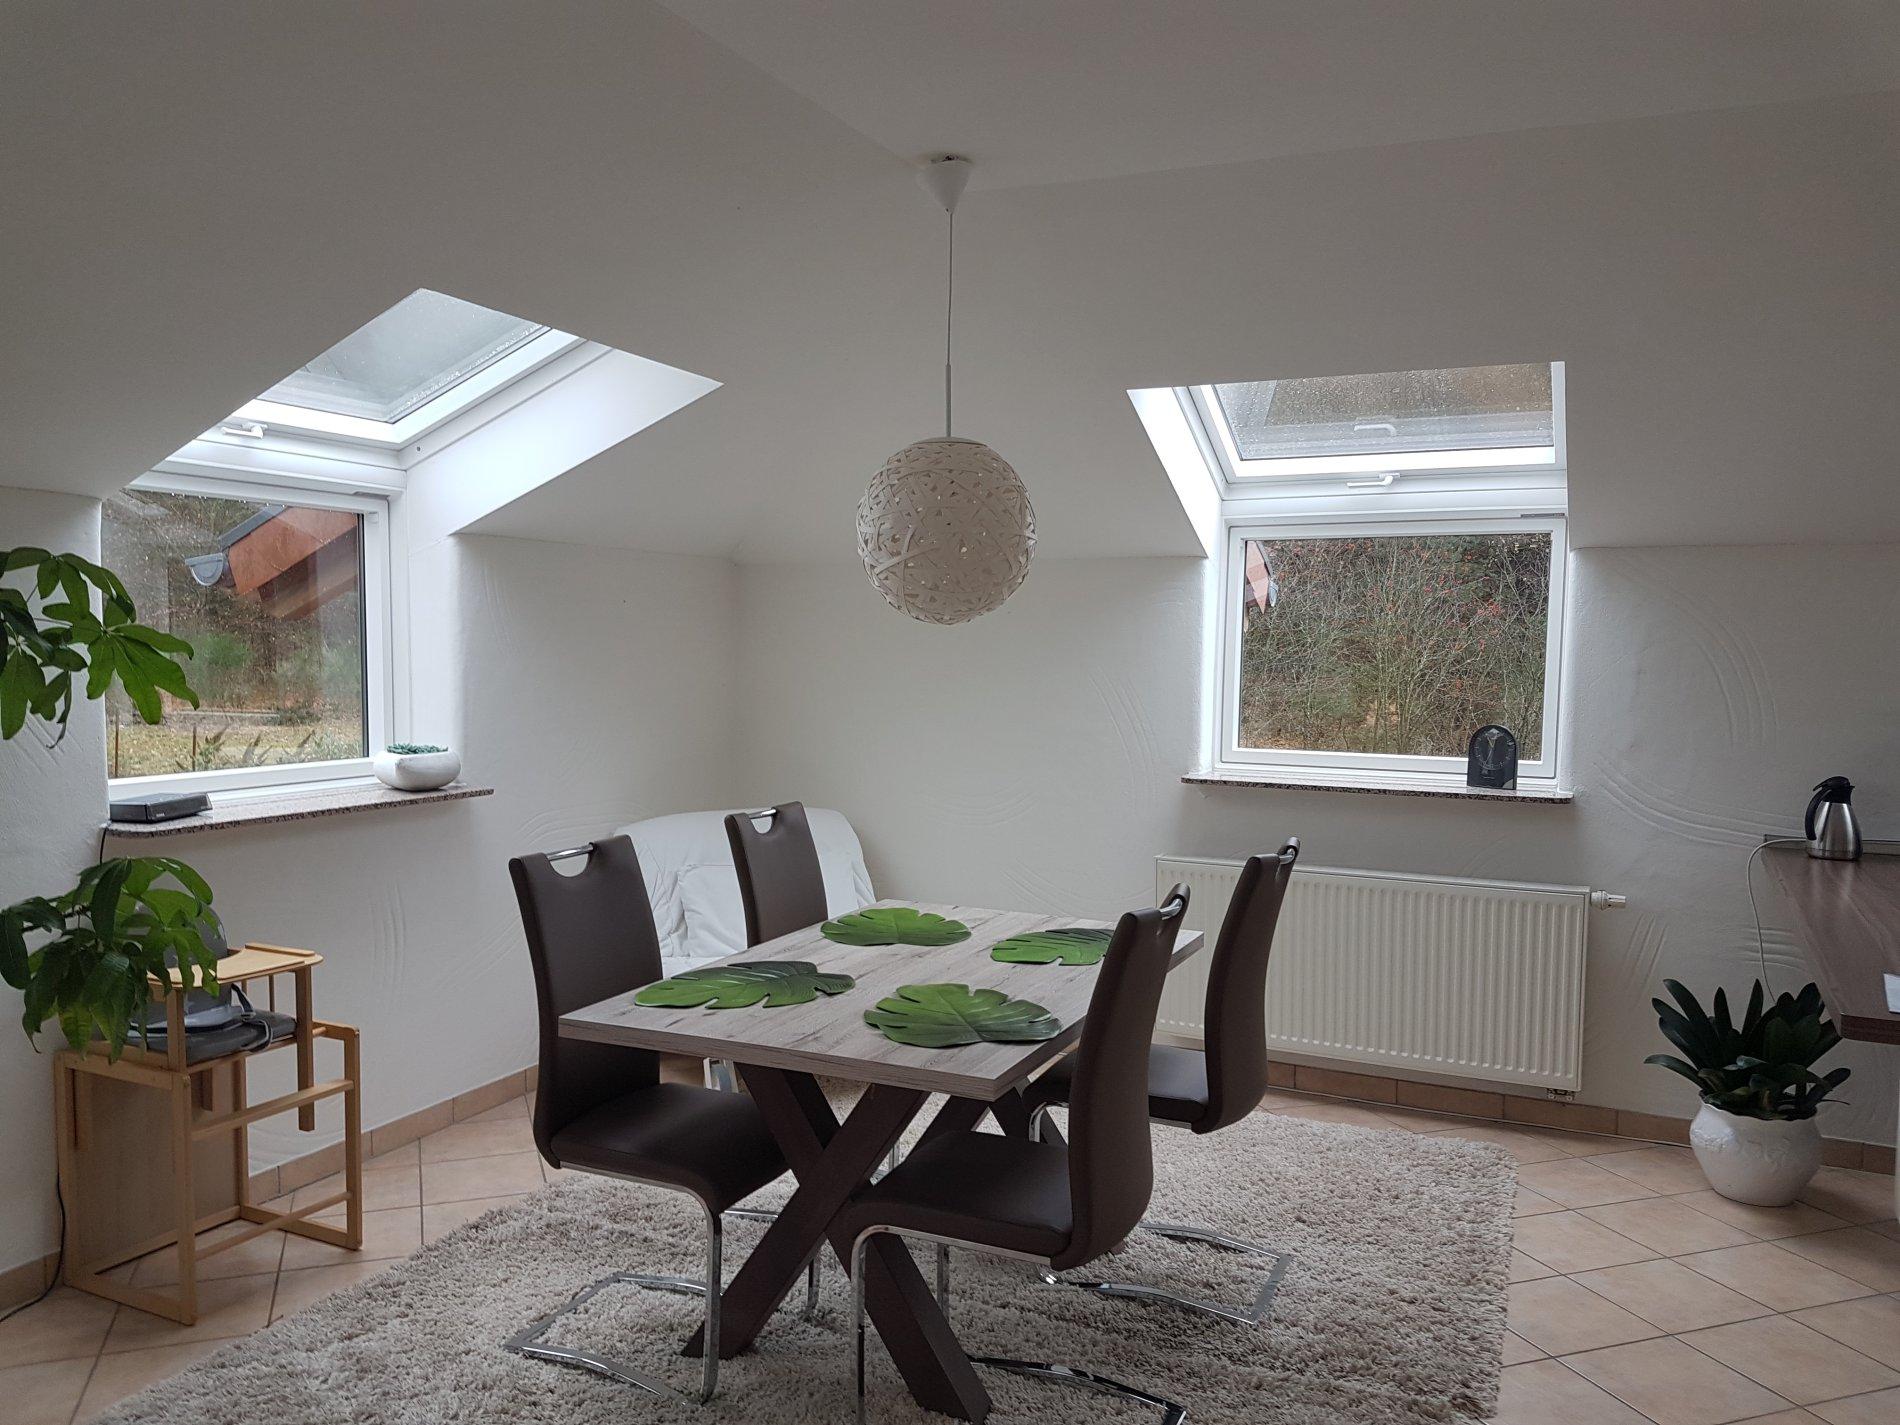 Essbereich mit Tisch, vier Stühlen und Pflanzen